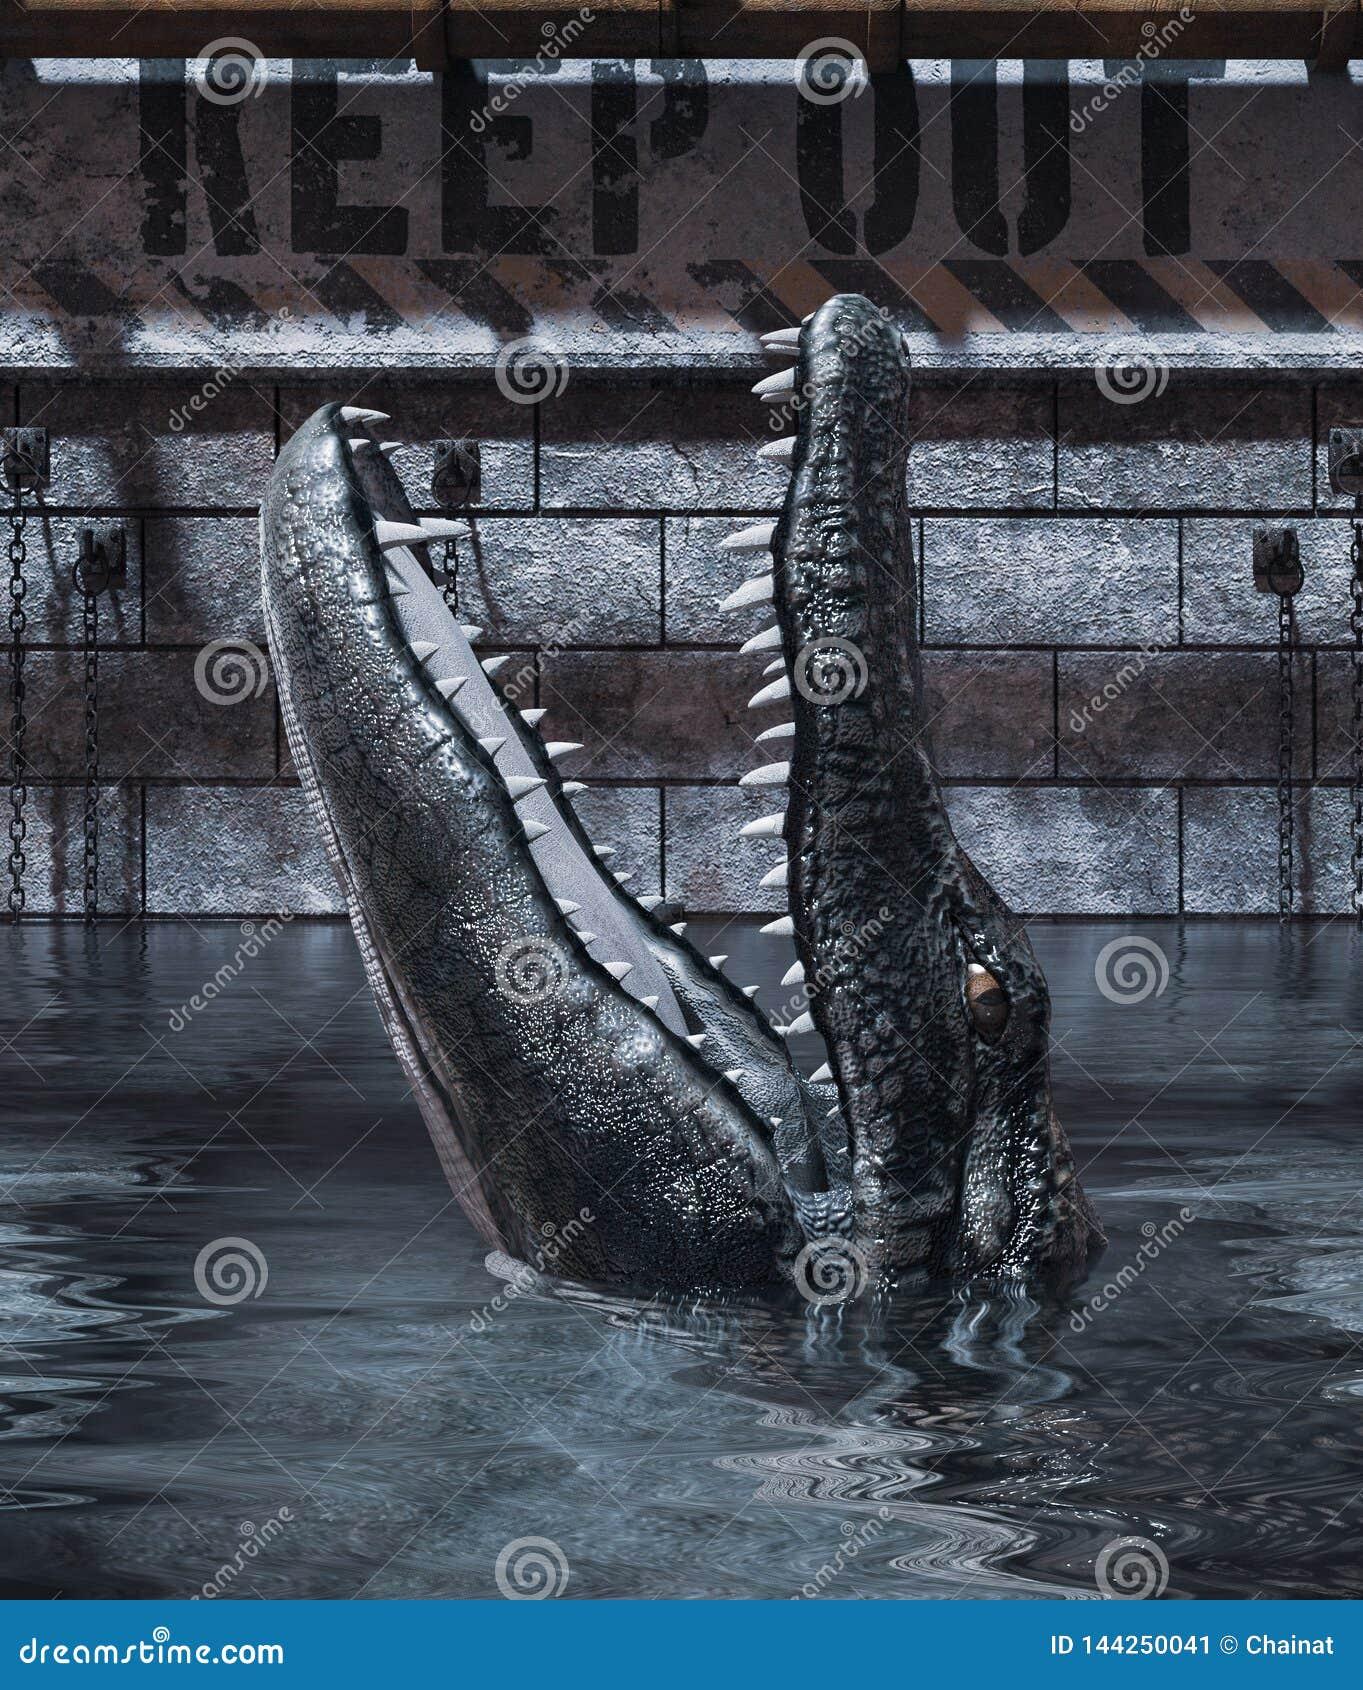 De tank van de alligator gelieve te houden uit